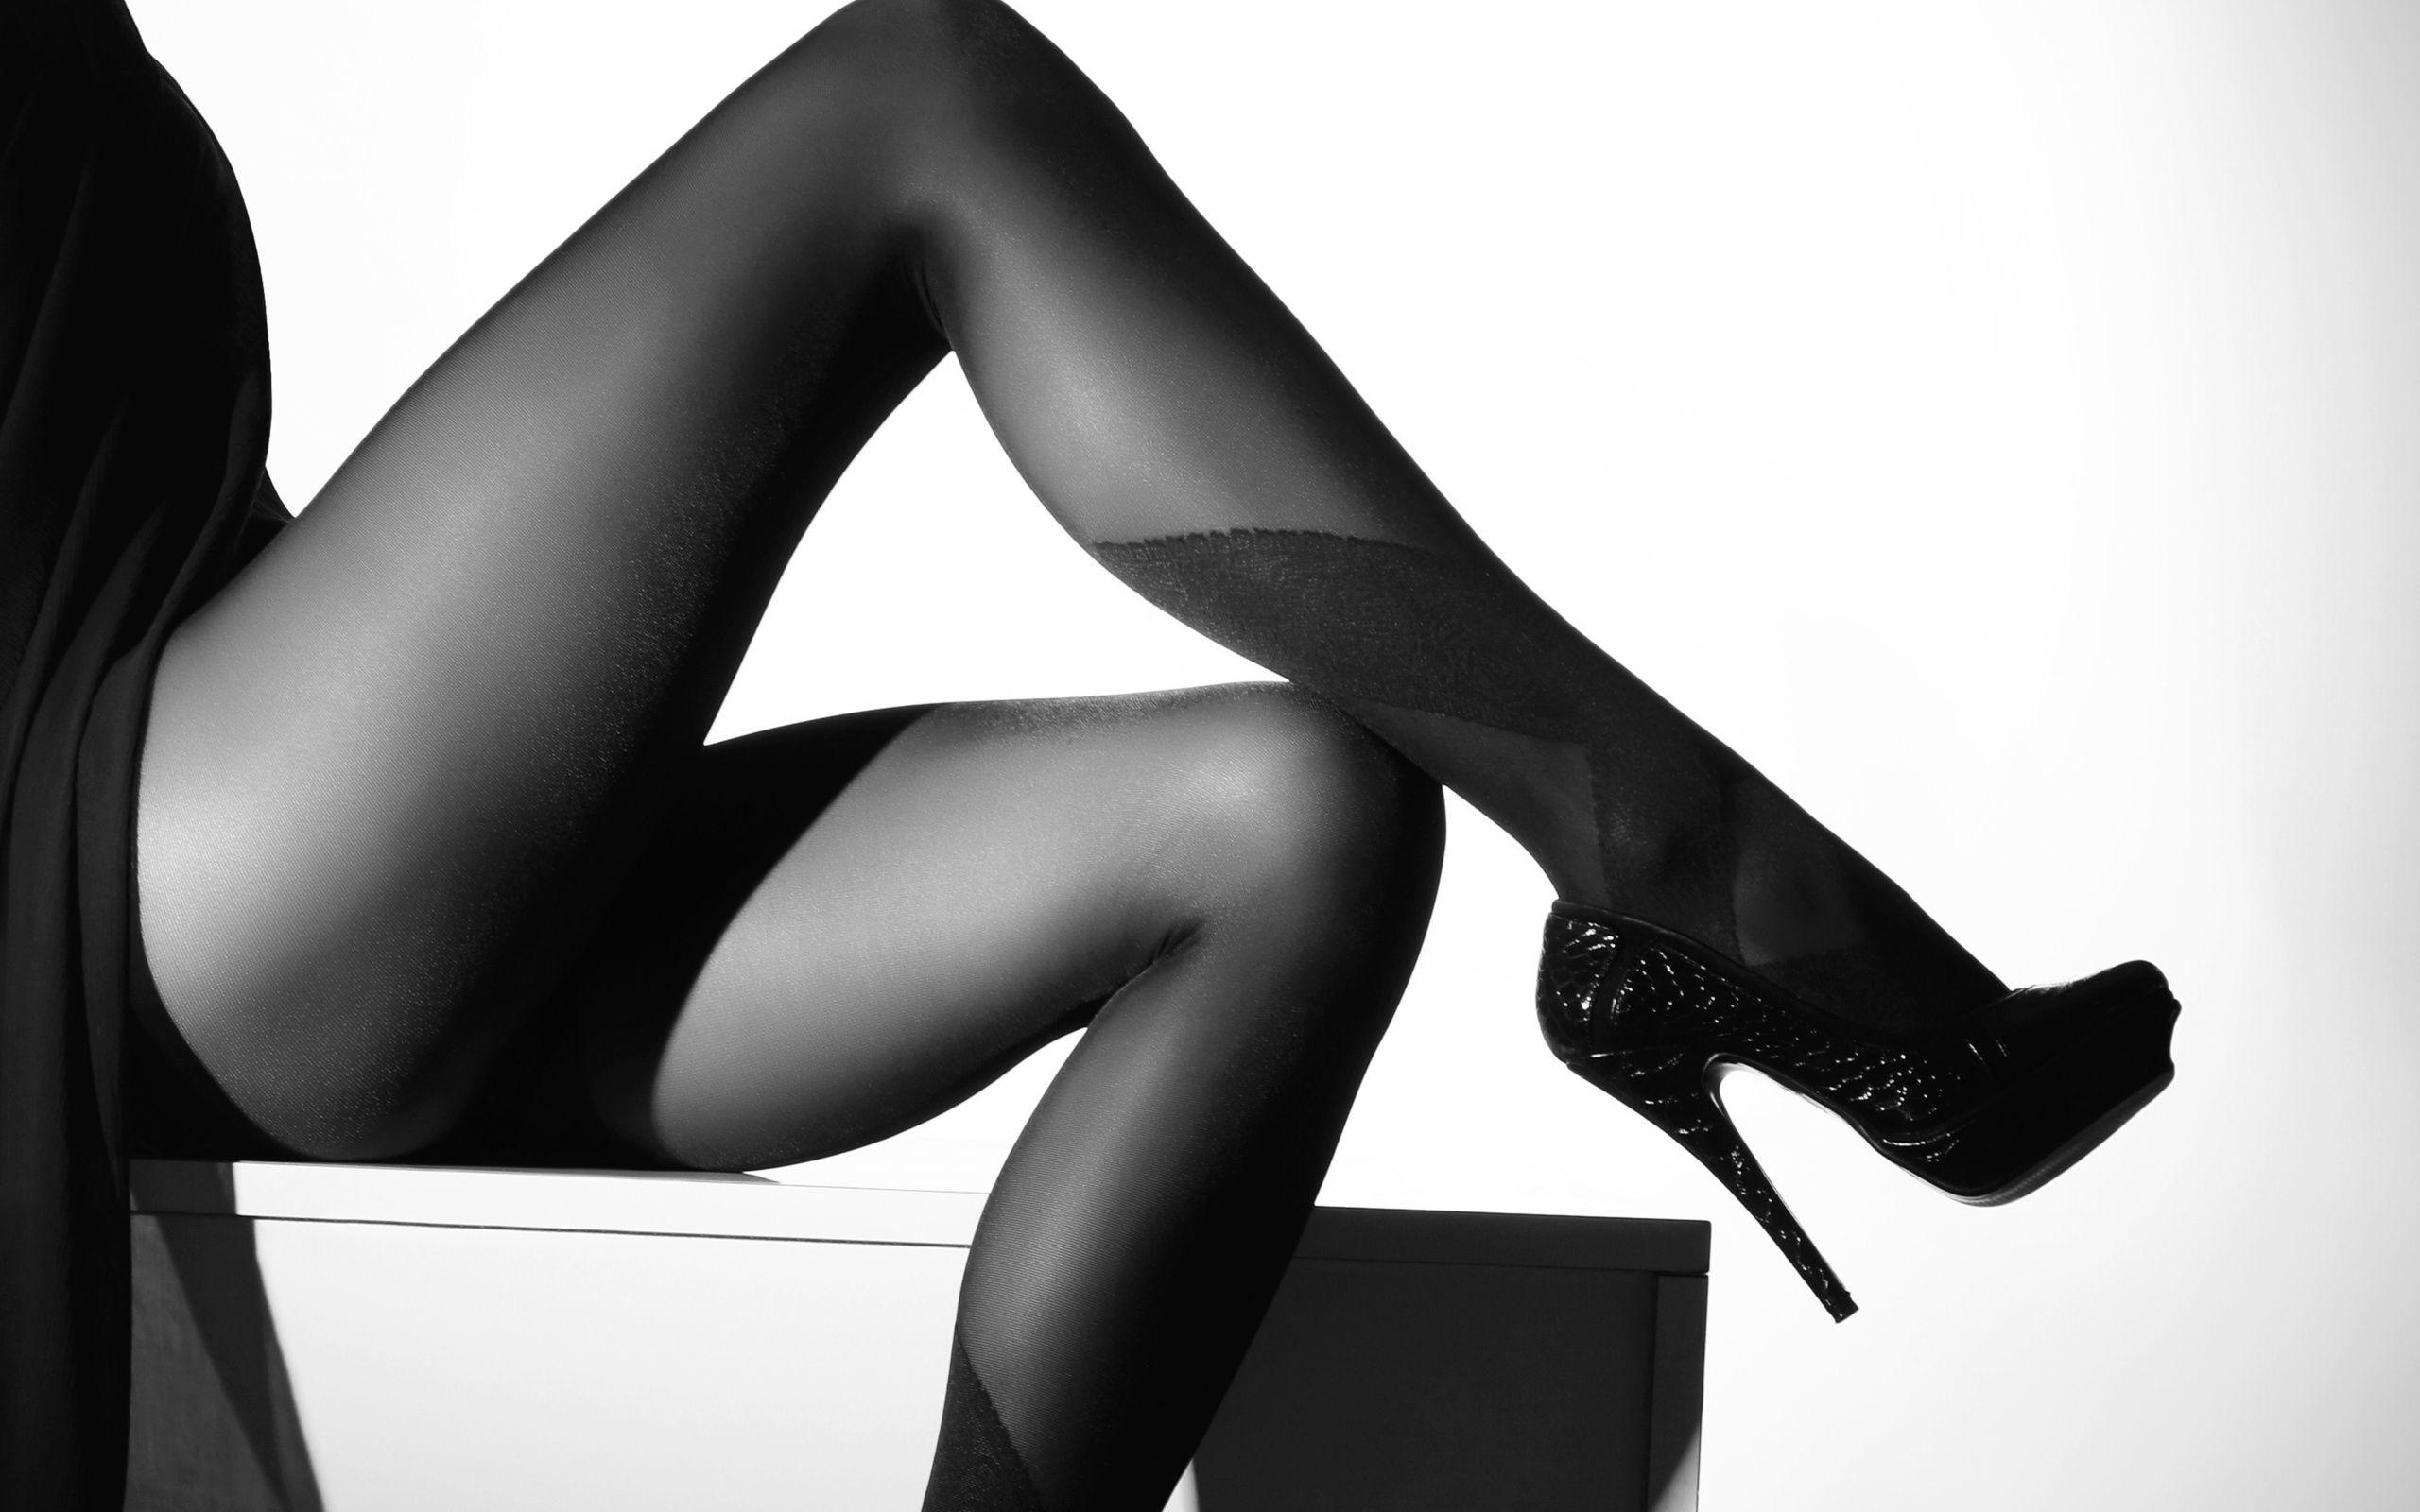 история сексуальные фото женские ноги на каблуках в чулках развели групповой секс